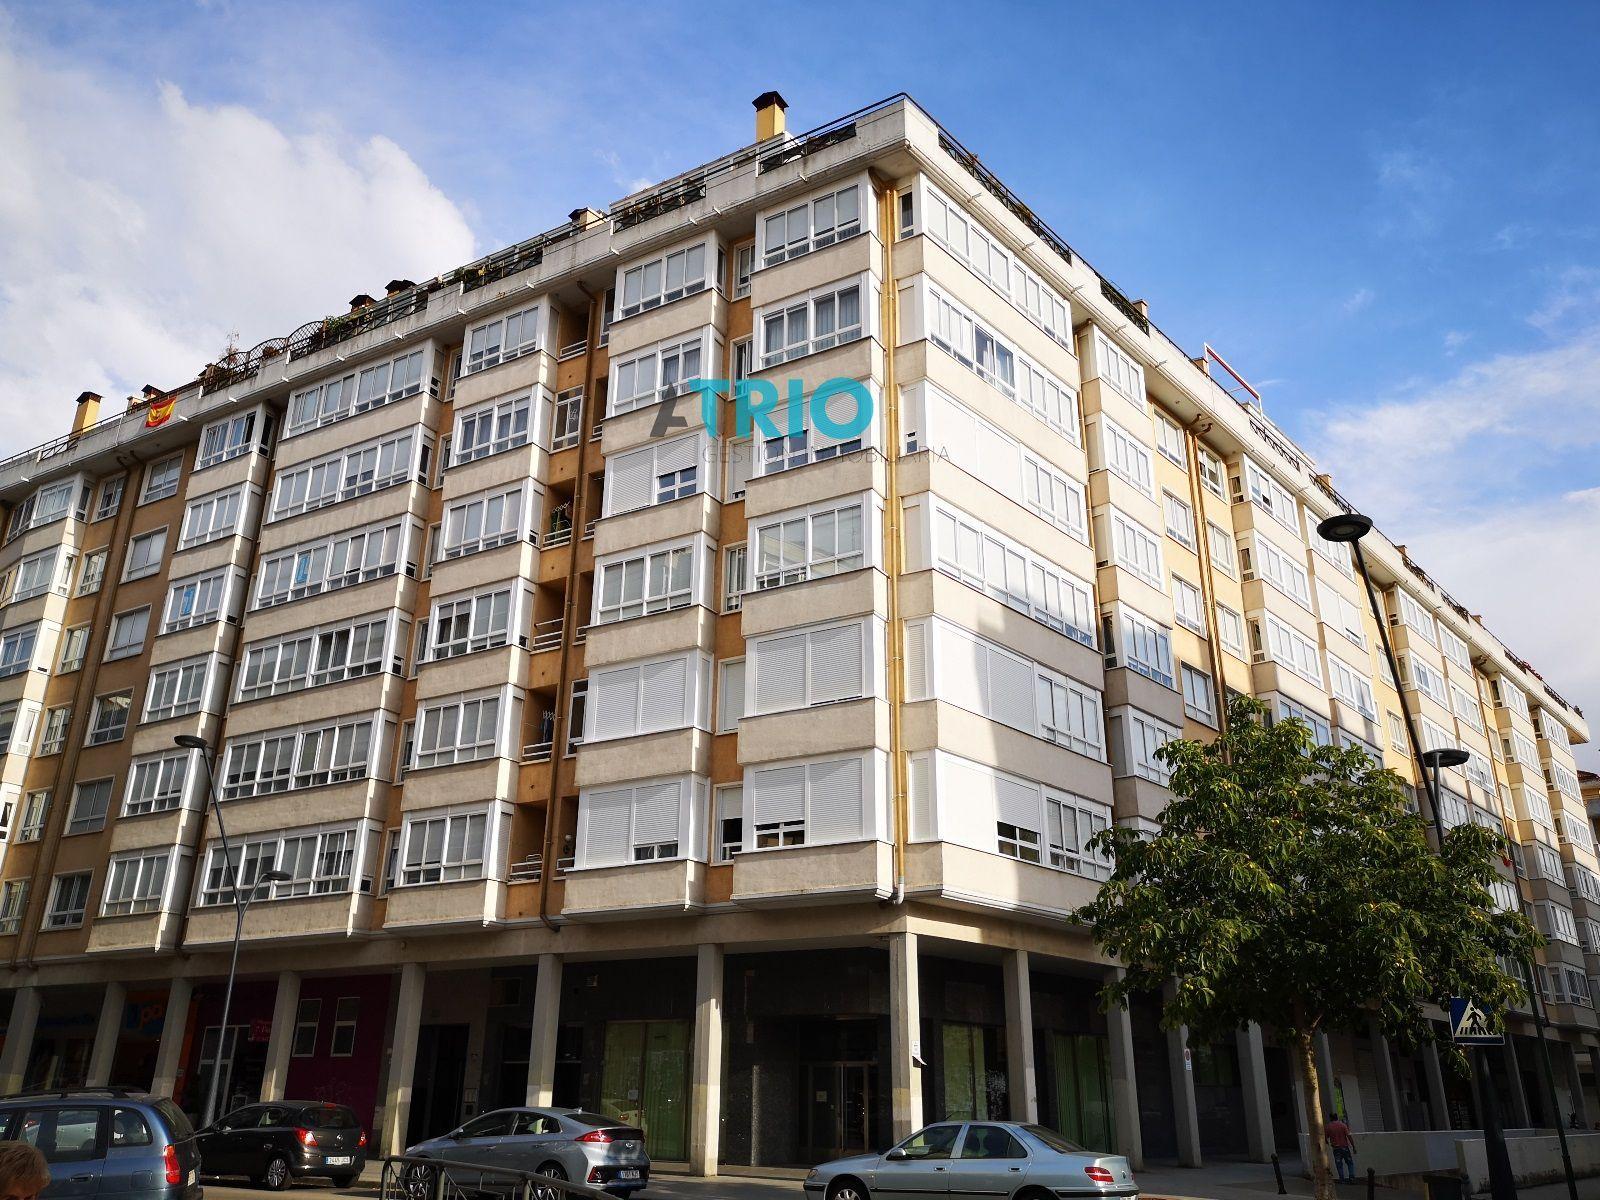 dia.mobiliagestion.es/Portals/inmoatrio/Images/6789/5035112